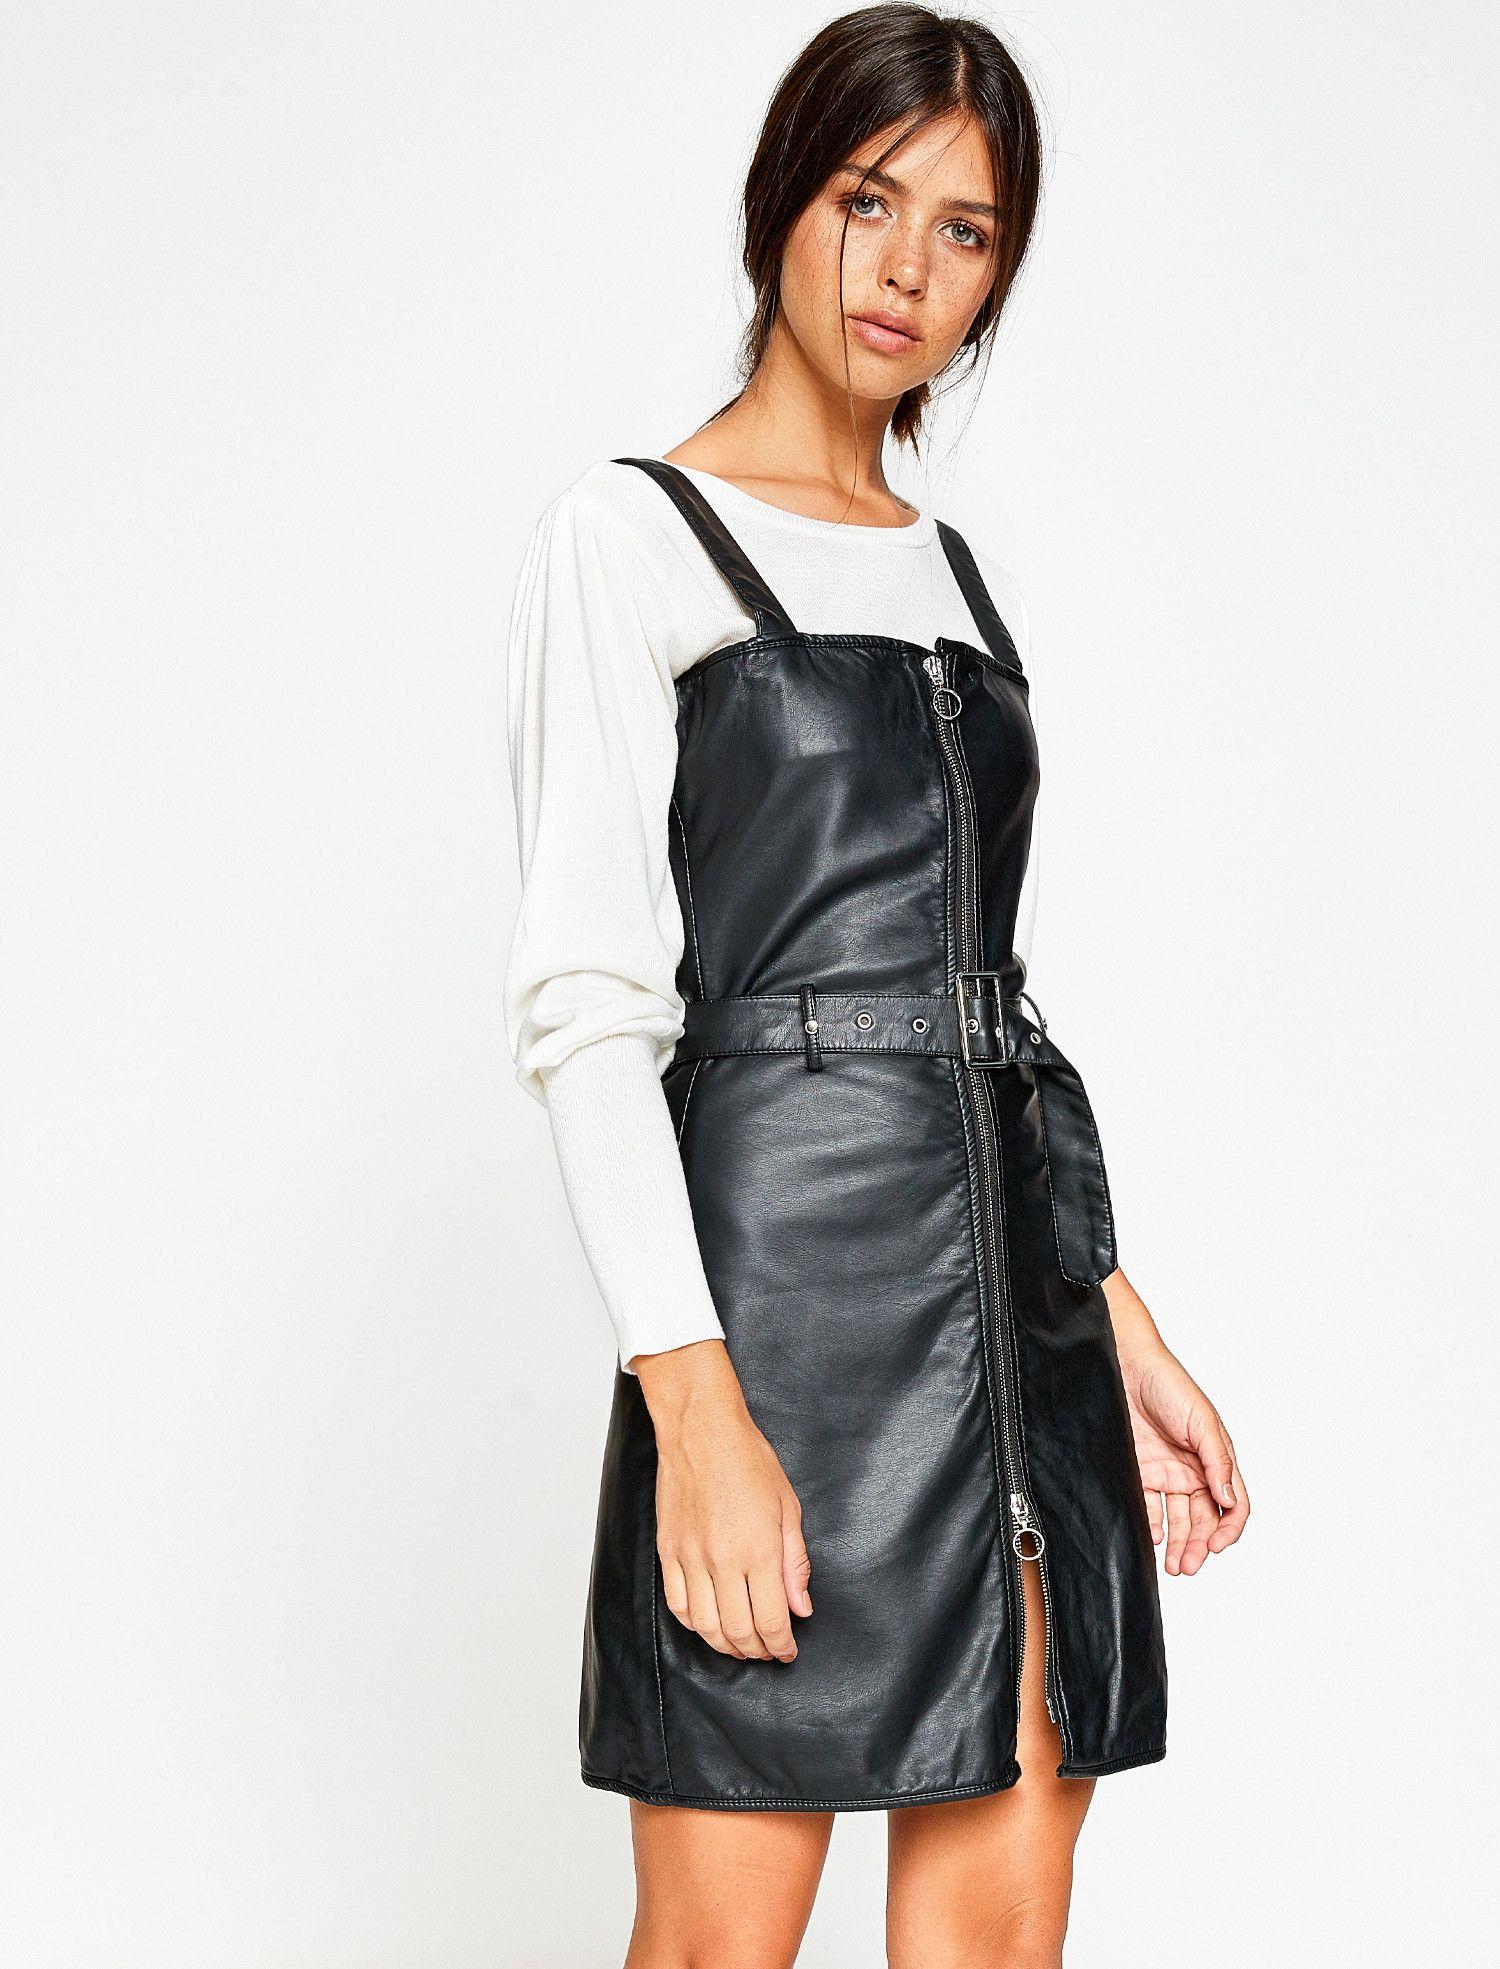 Deri Gorunumlu Elbise Moda Stilleri Elbise Moda Kadin